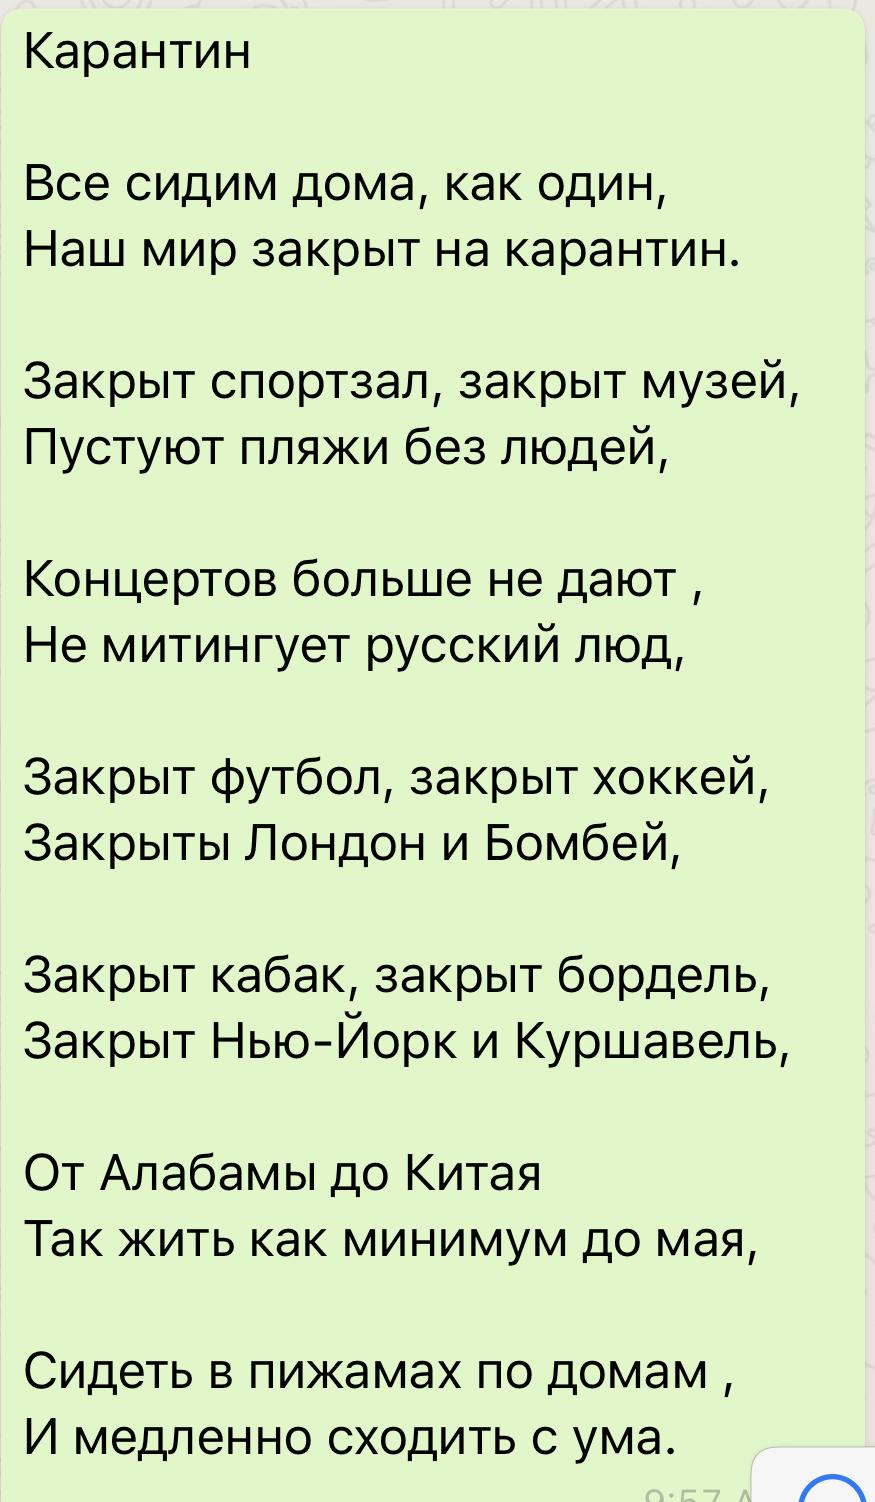 Мем: Карантин, Тимур Векслер